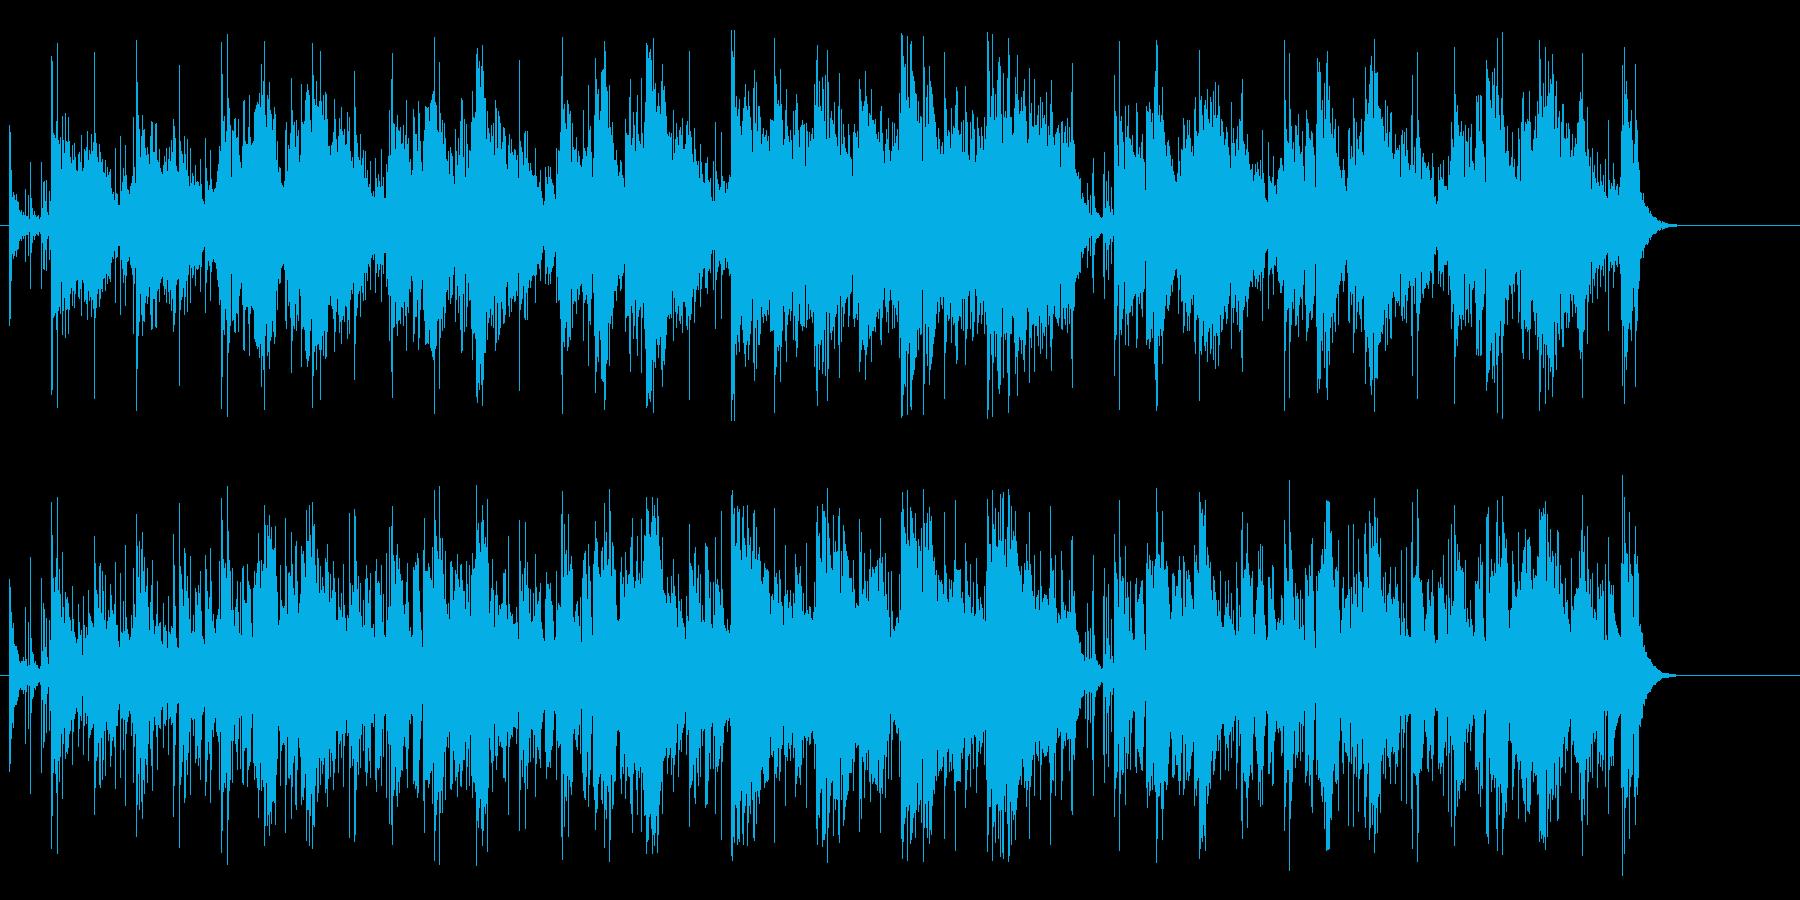 エスニカンな、ムードのコーナータイトルの再生済みの波形